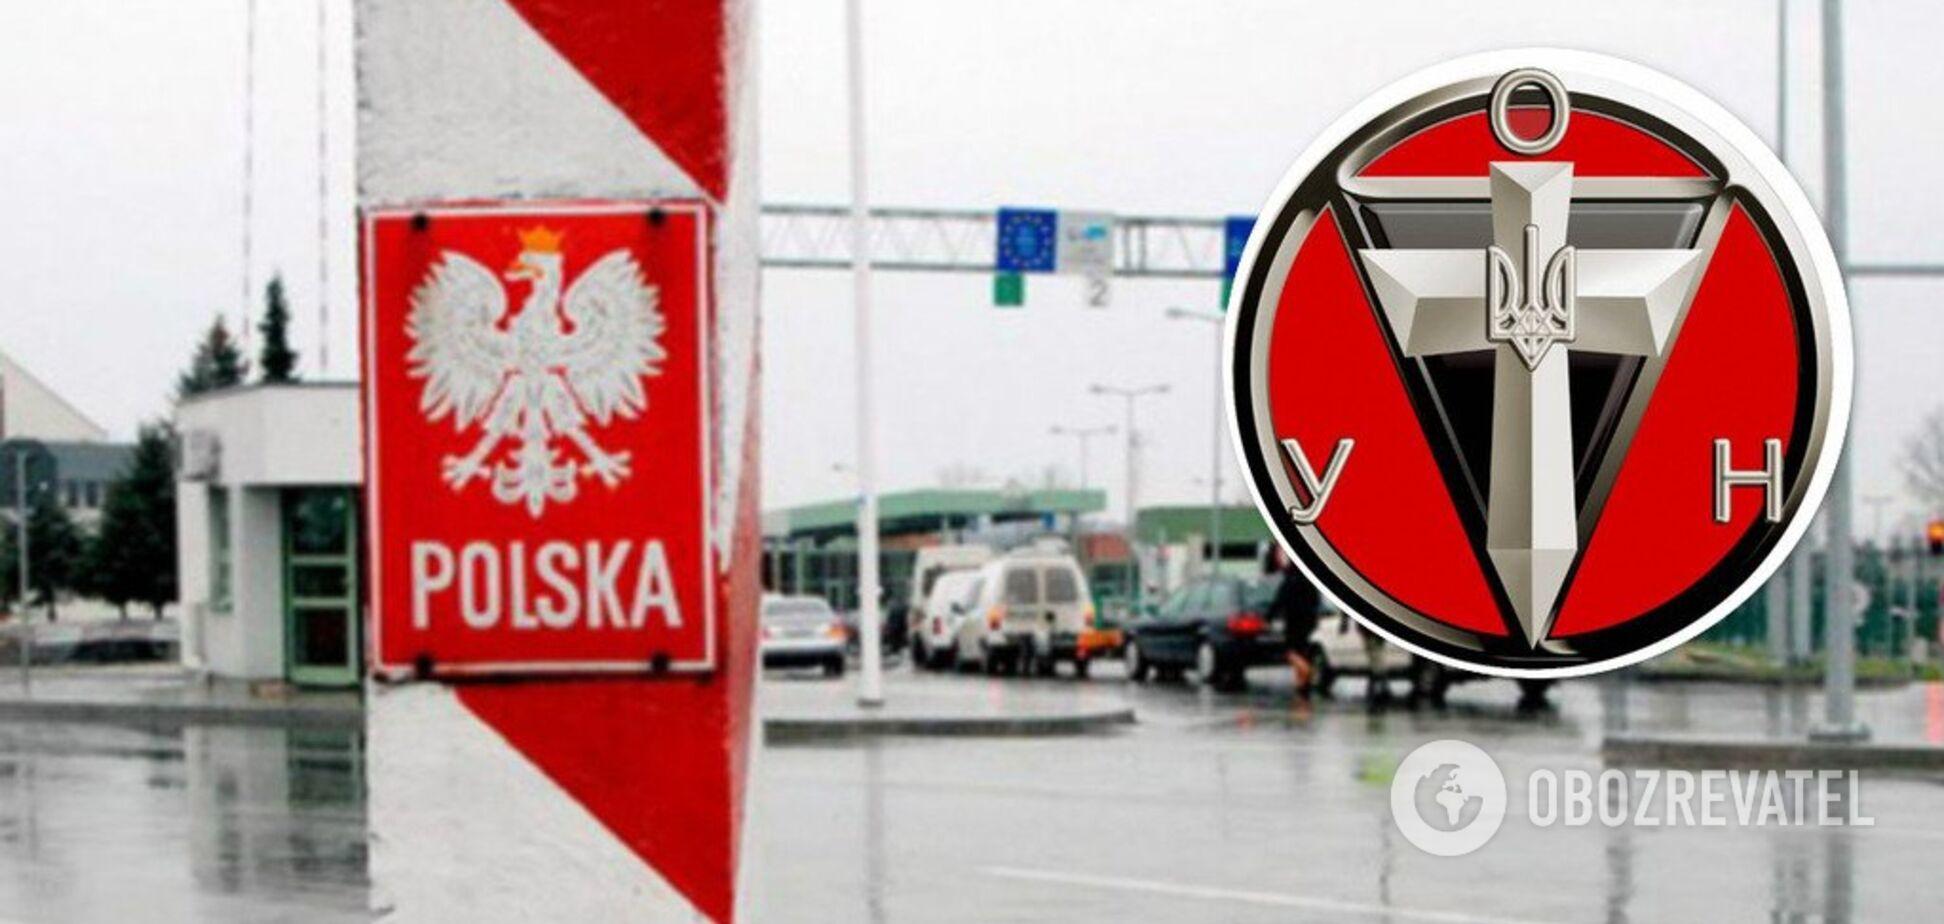 'Заборонено за законом!' У Польщі розгорівся скандал через ОУН-УПА